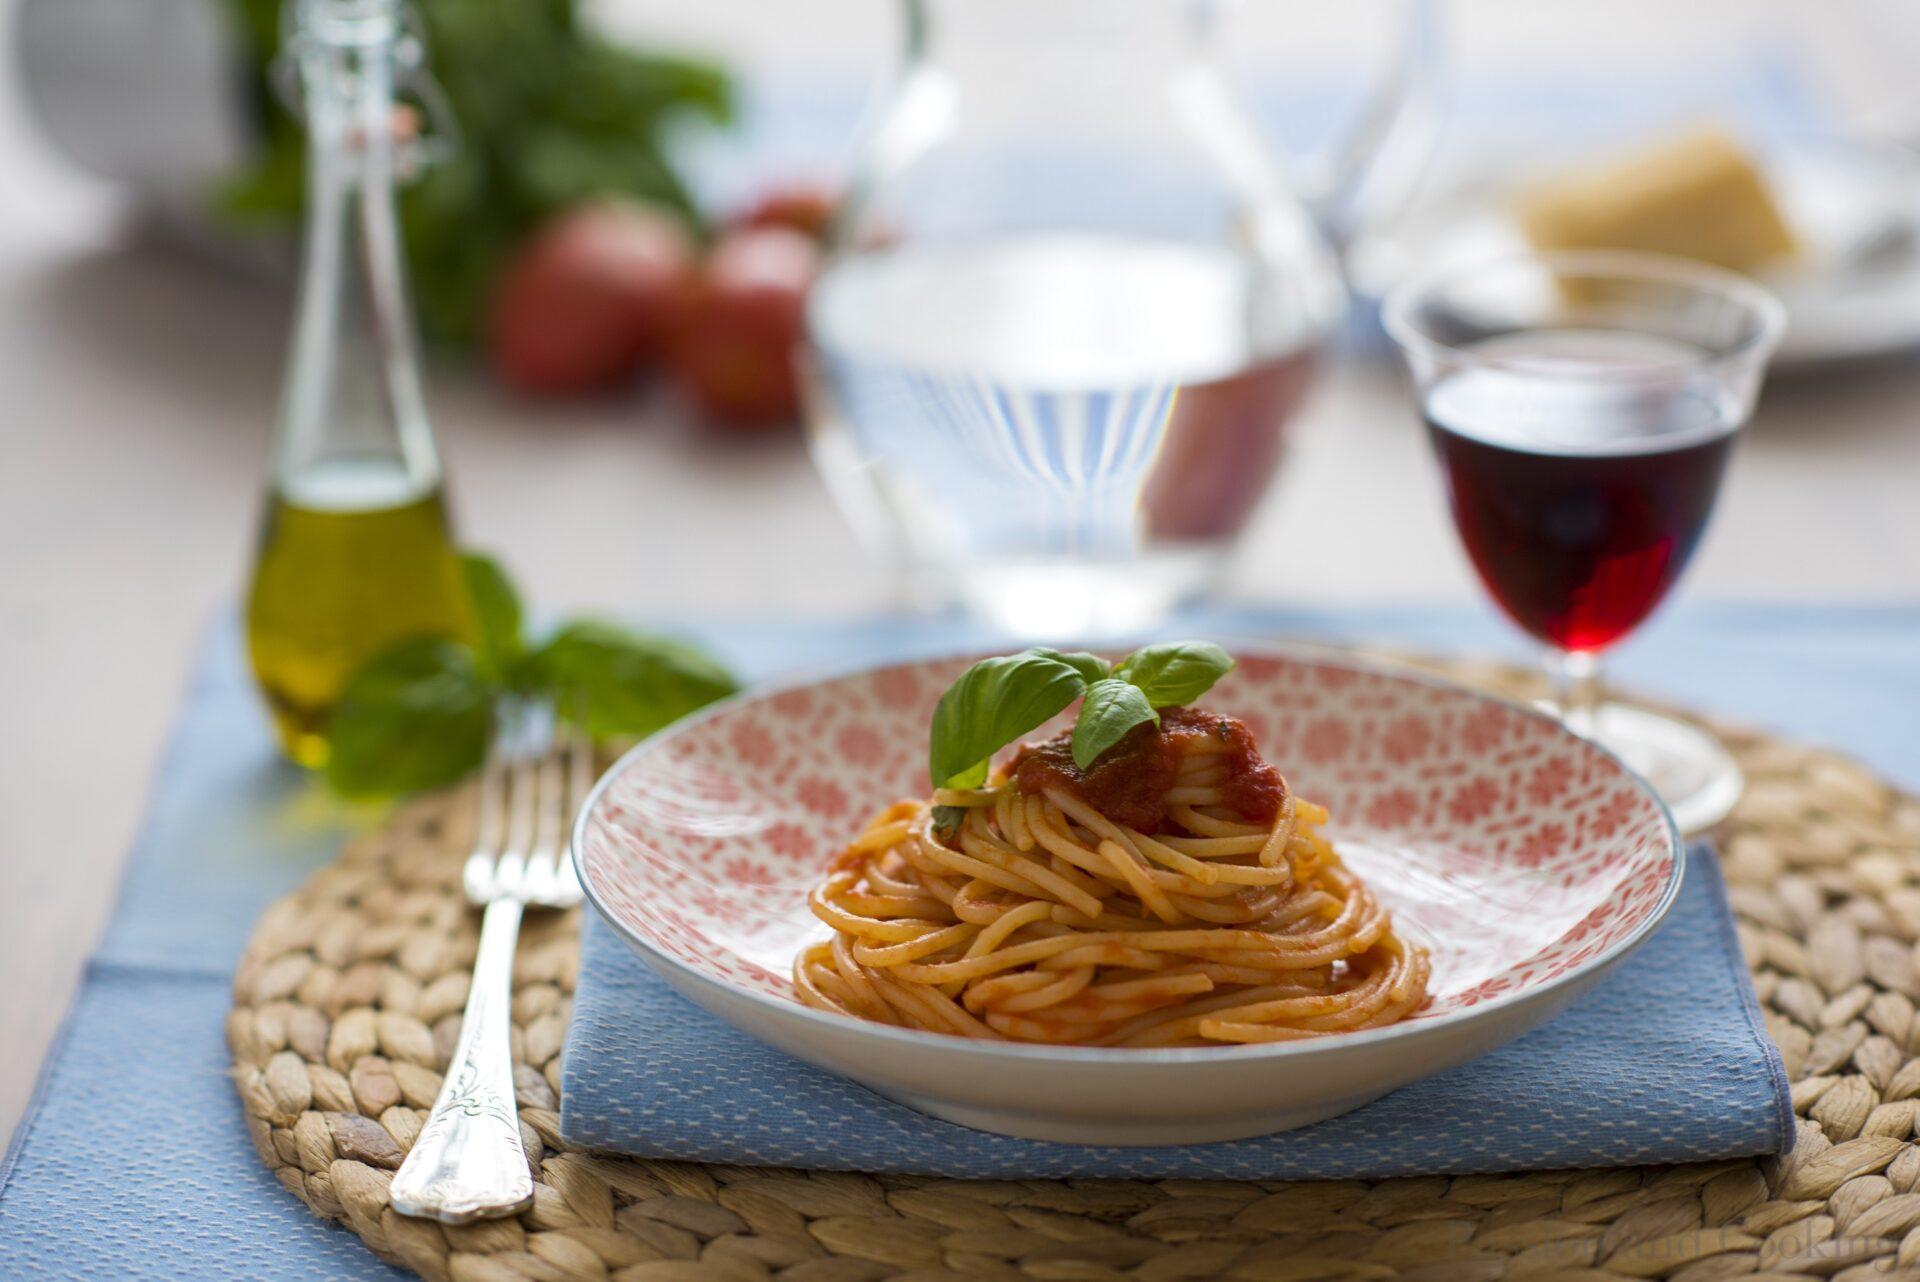 The Mamma Mia!Diet Spaghetti